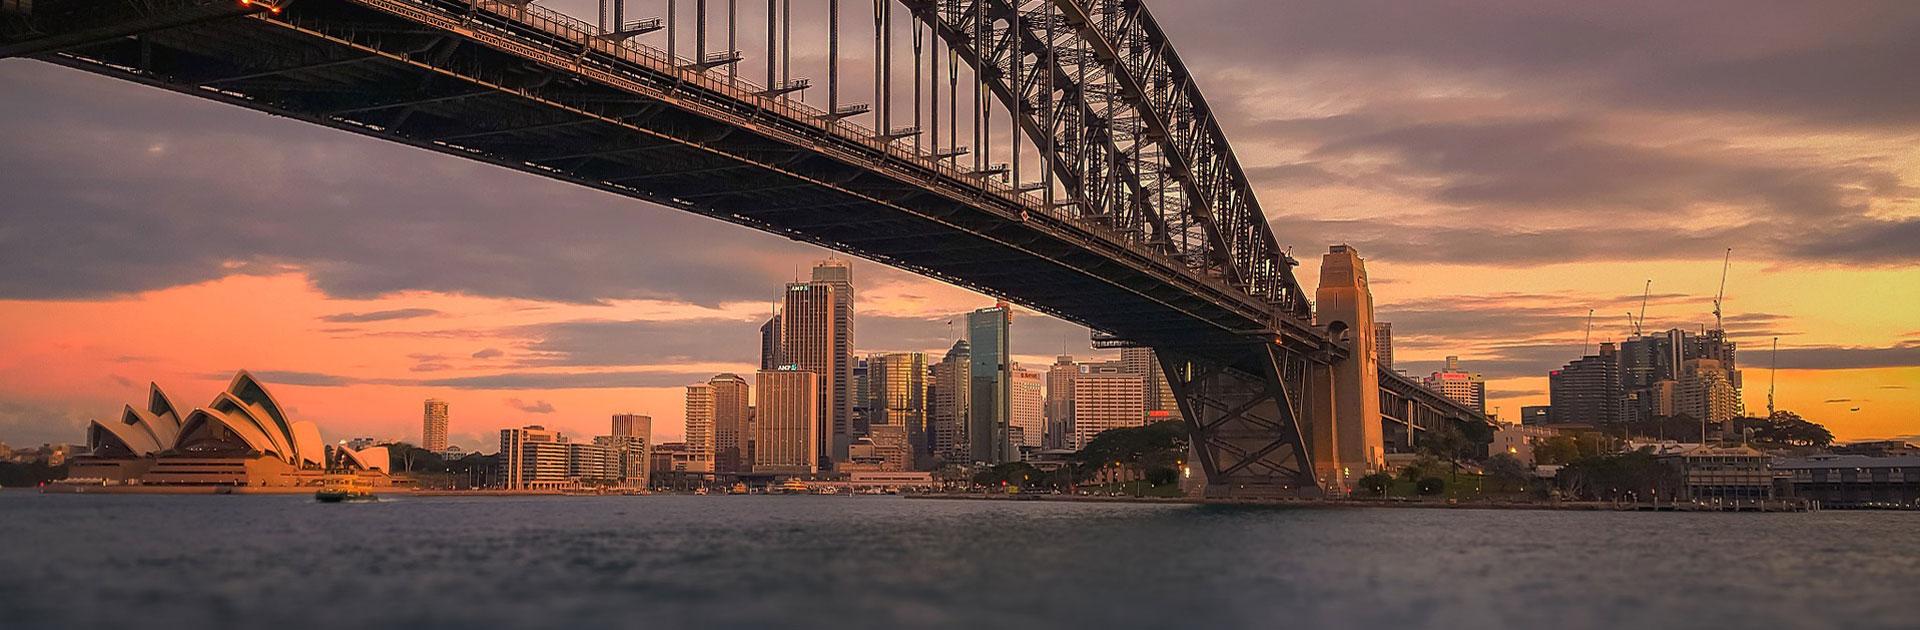 AU Descubriendo Australia 12 días 3